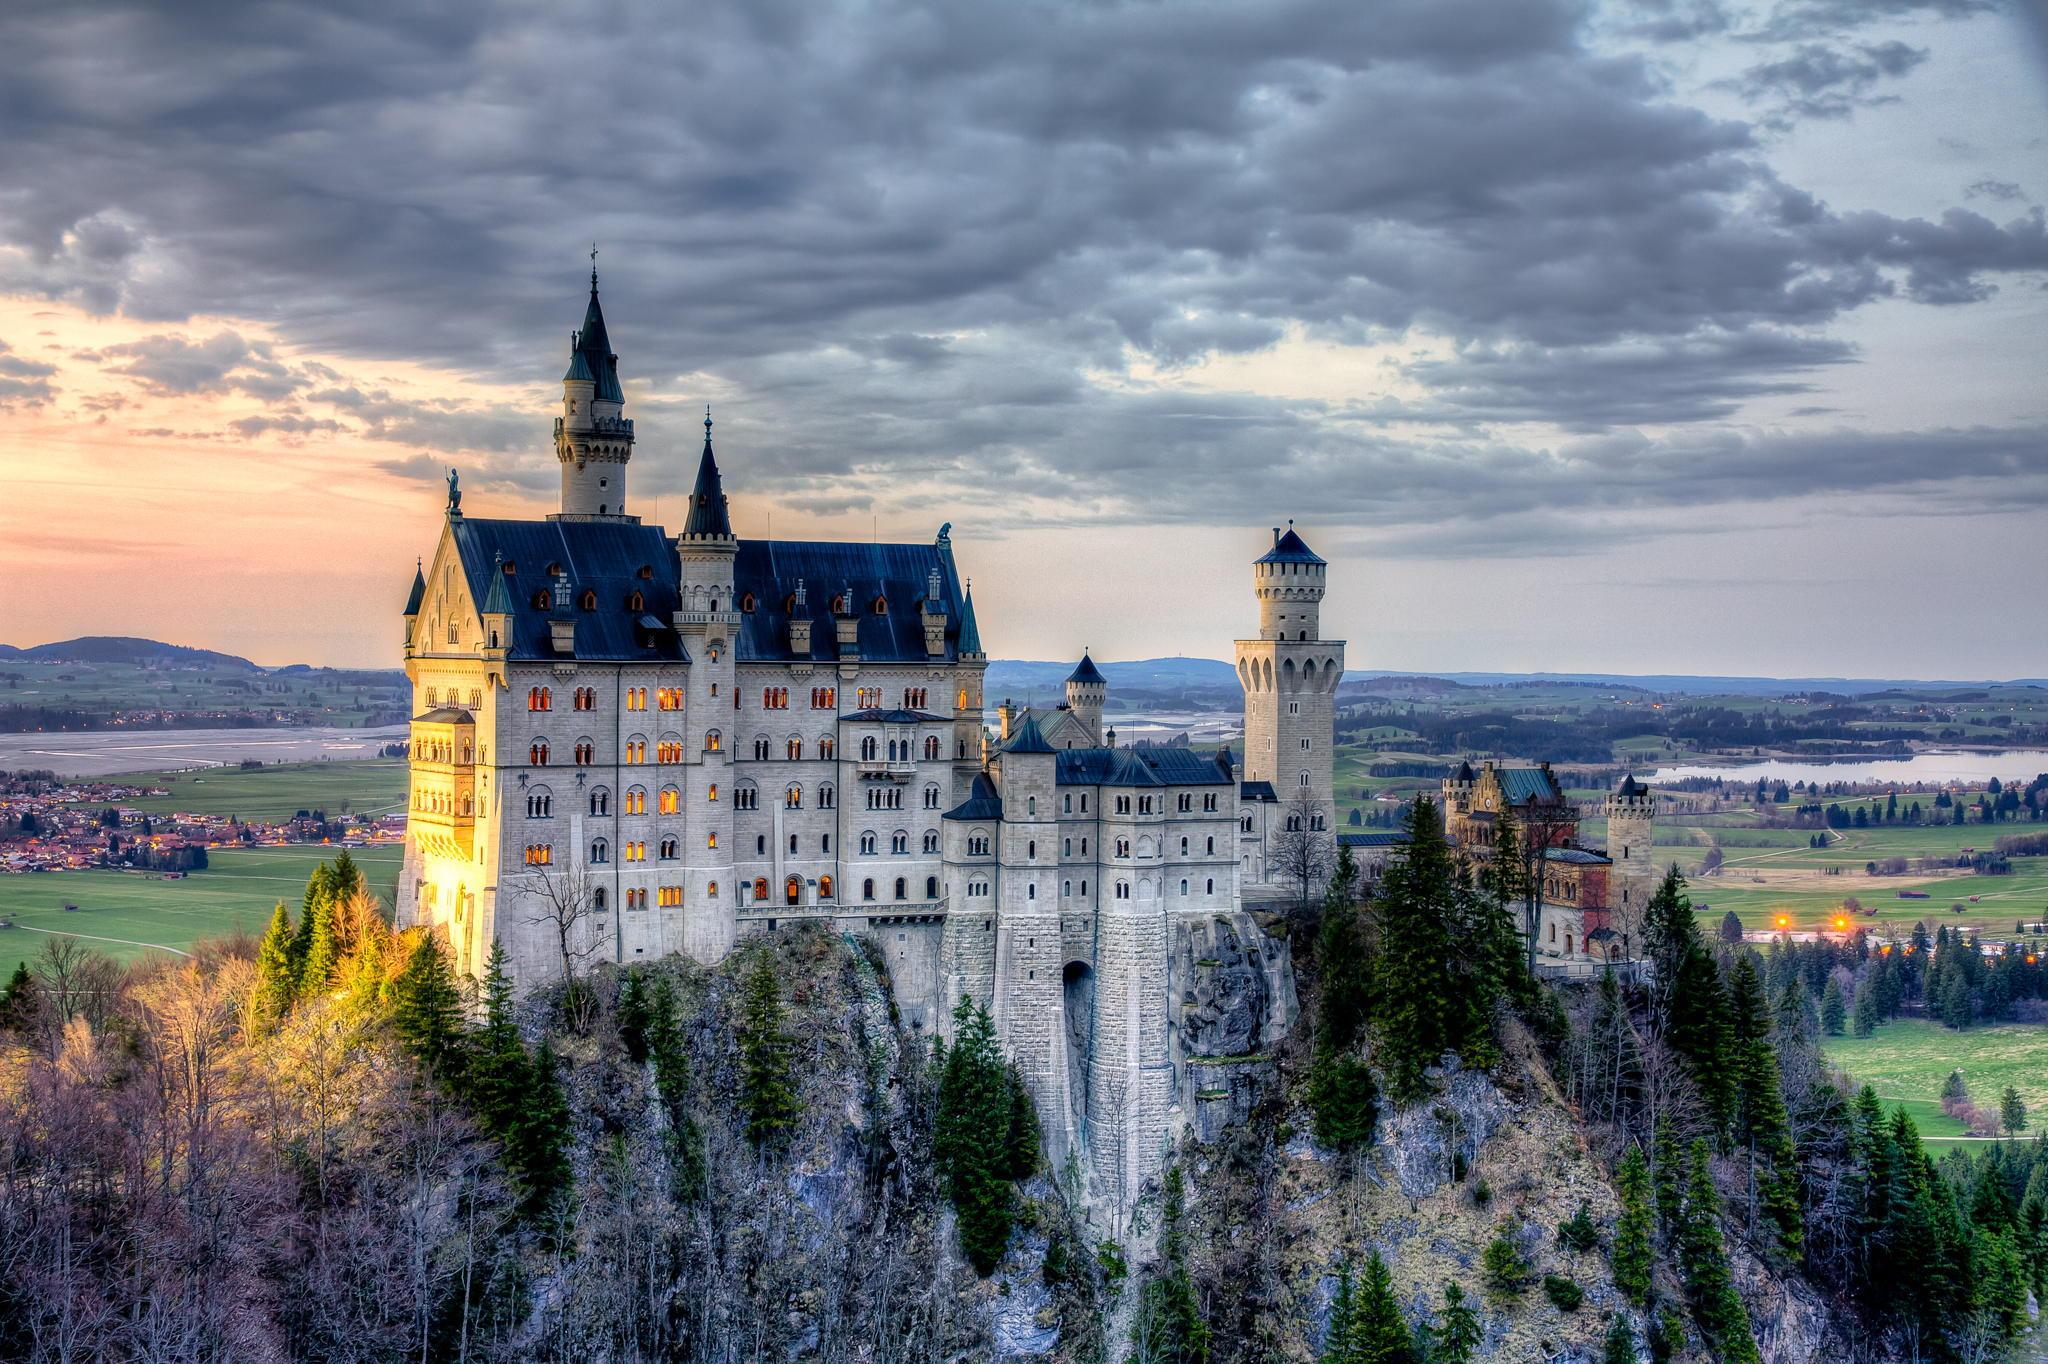 архитектура страны Замок Нойшванштайн Швангау Германия  № 2231536  скачать